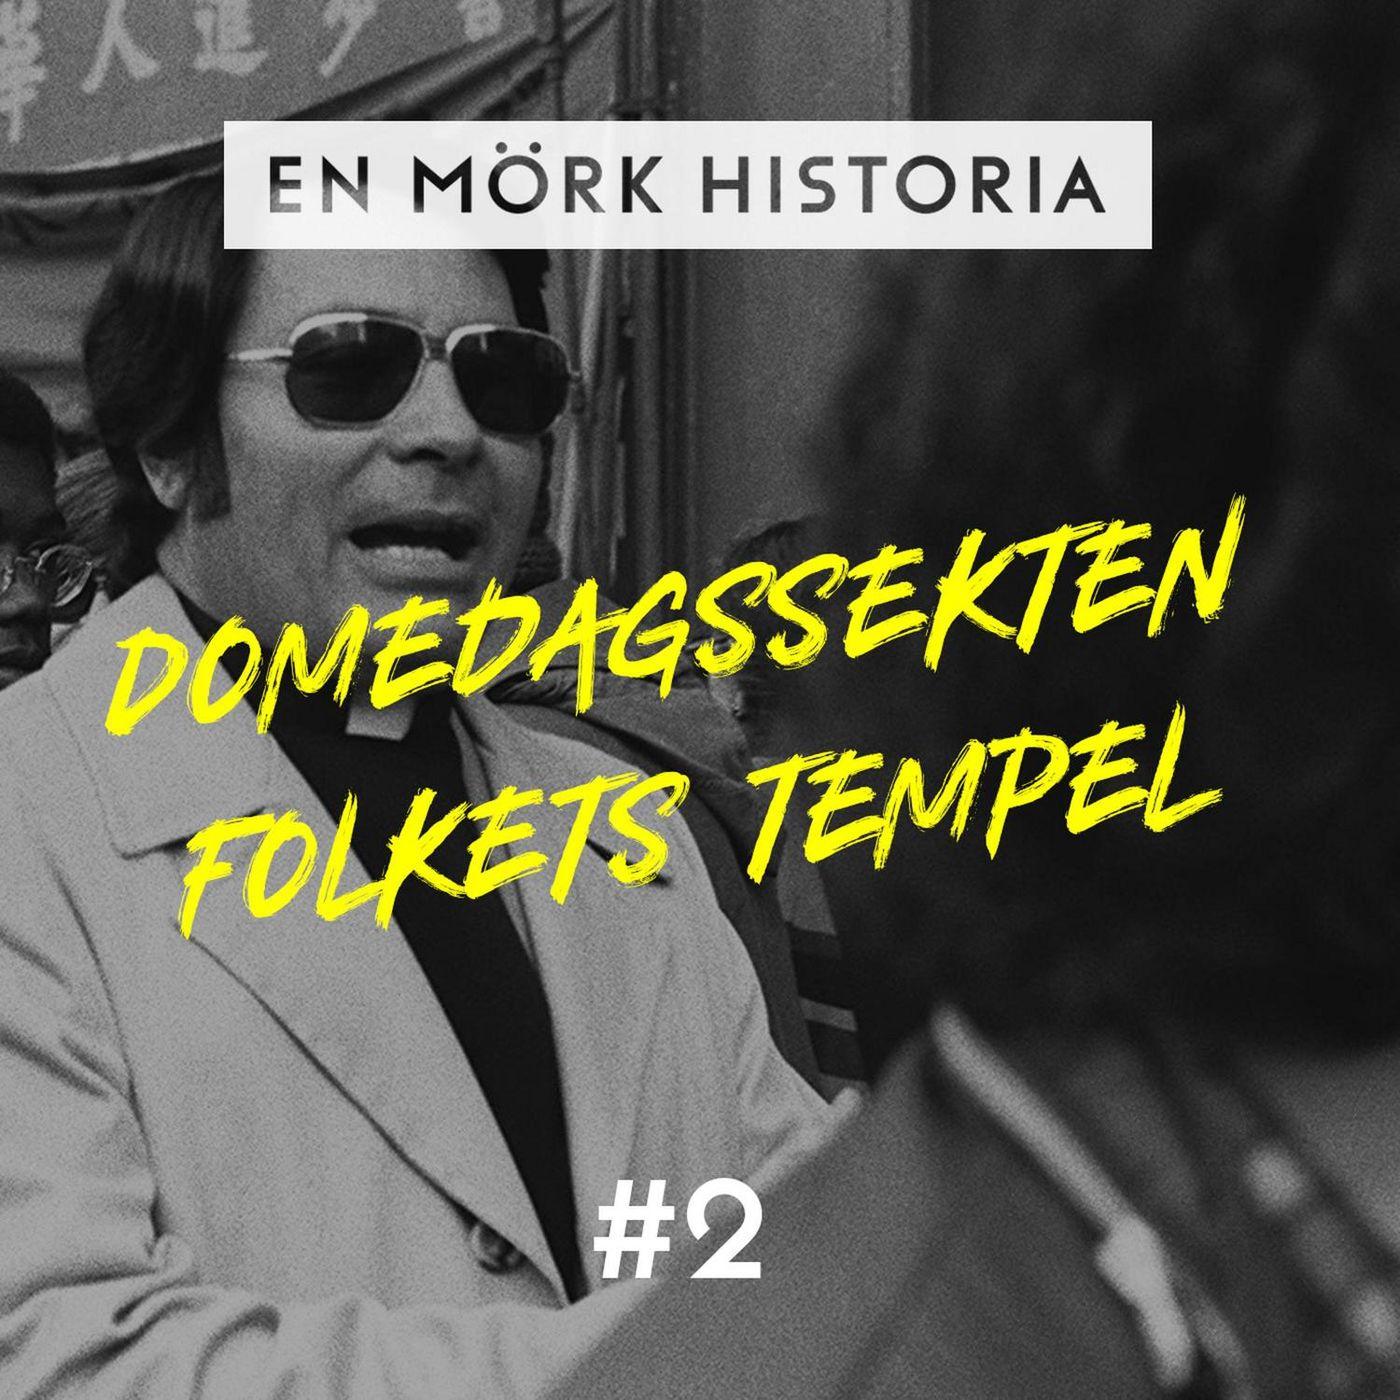 Domedagssekten Folkets Tempel - Del 2/2